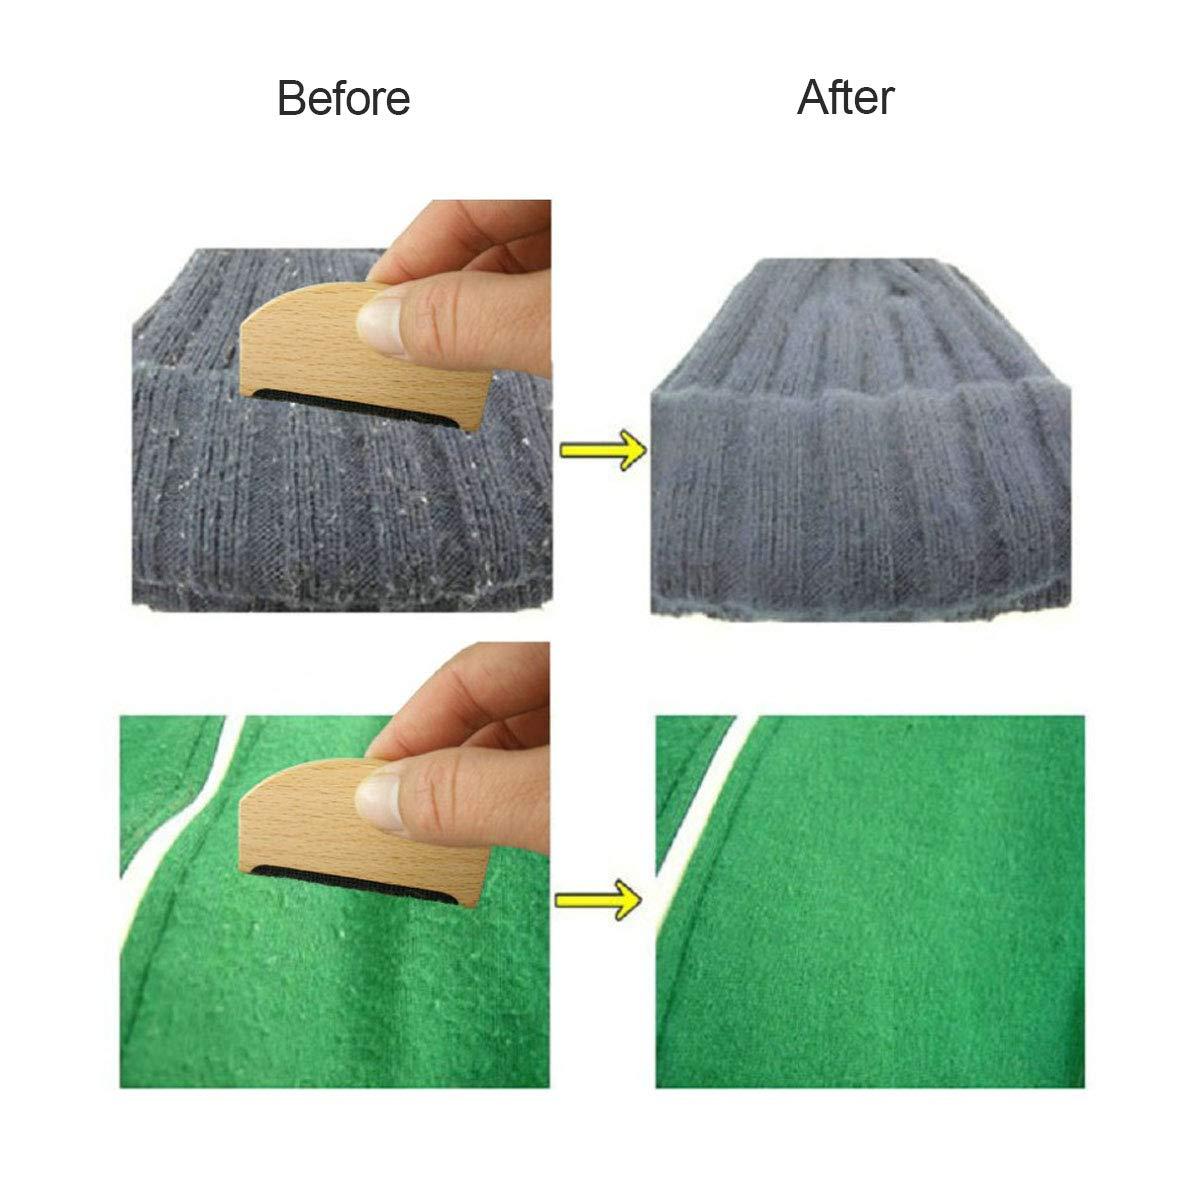 Peigne /à Laine,Tangger Peigne Tissu Anti Bouloches pour Nettoyage Pull,Pulls Laine,Cachemire,Draps Coton,Costume,5 PCS